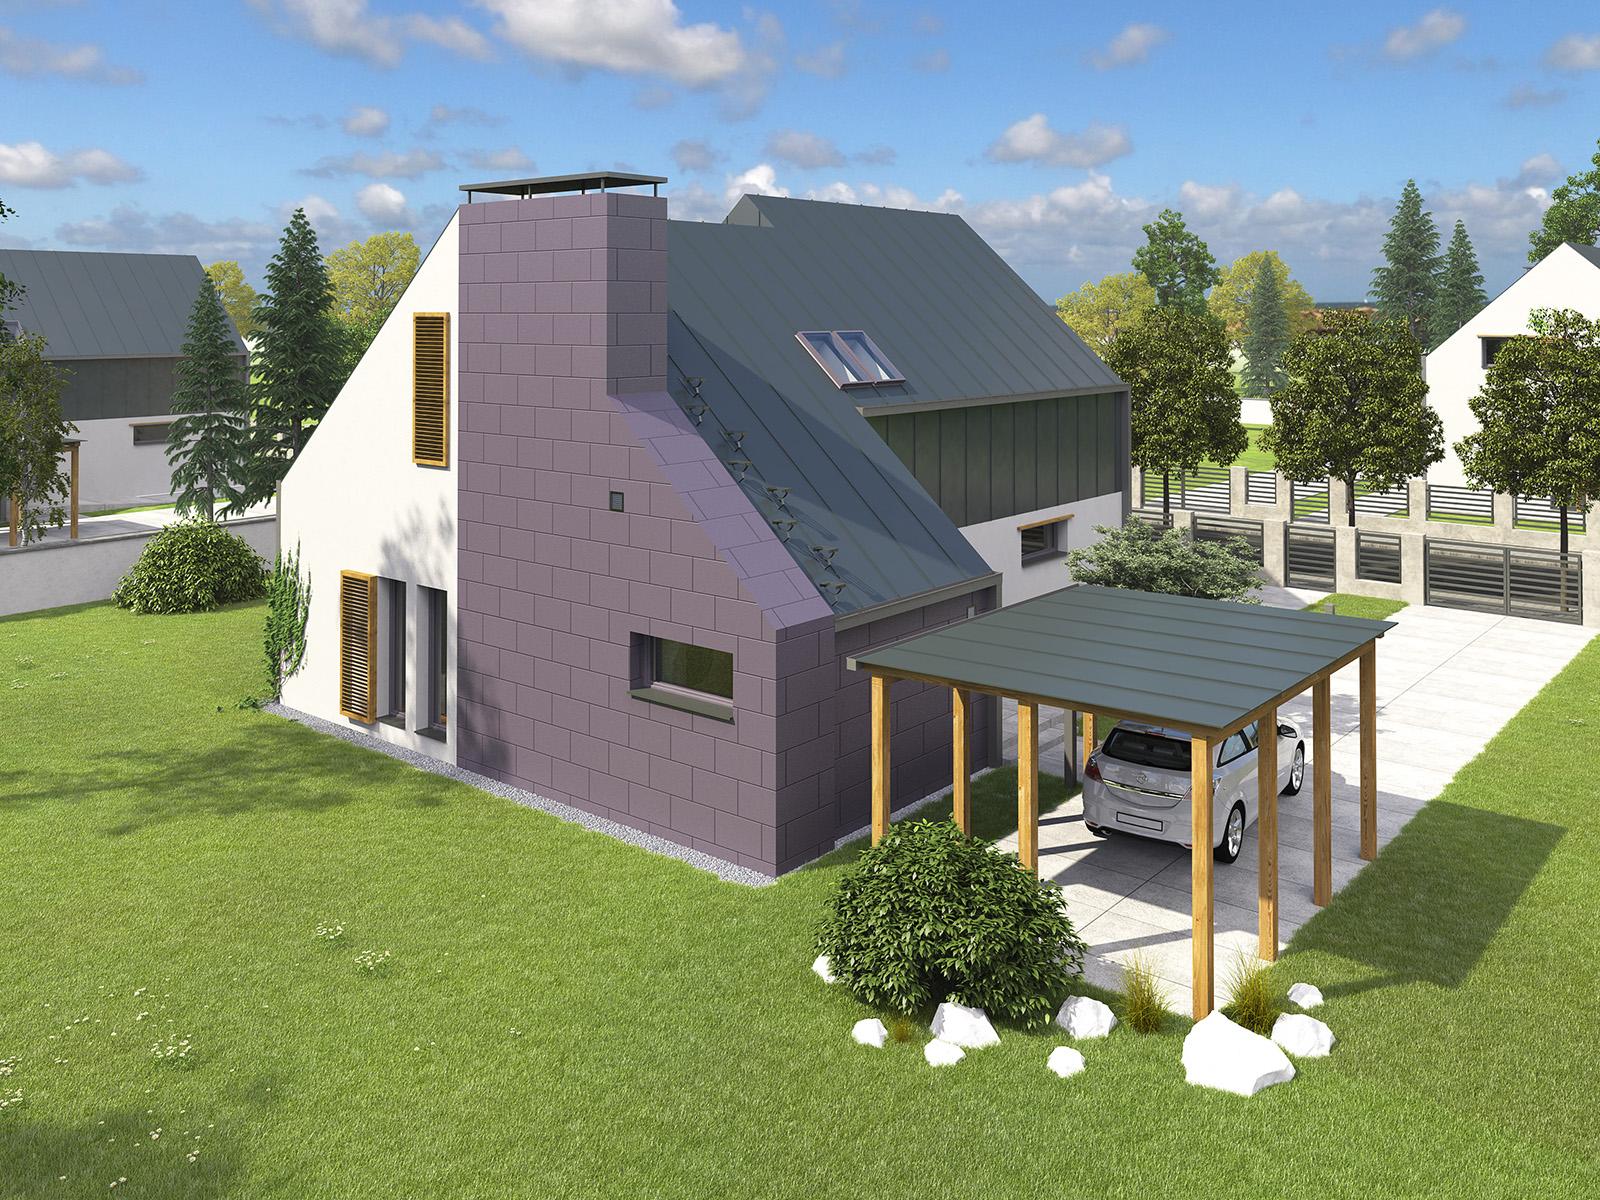 Projekt domu Z KOMINEM Domy Czystej Energii widok od boku i od ogrodu